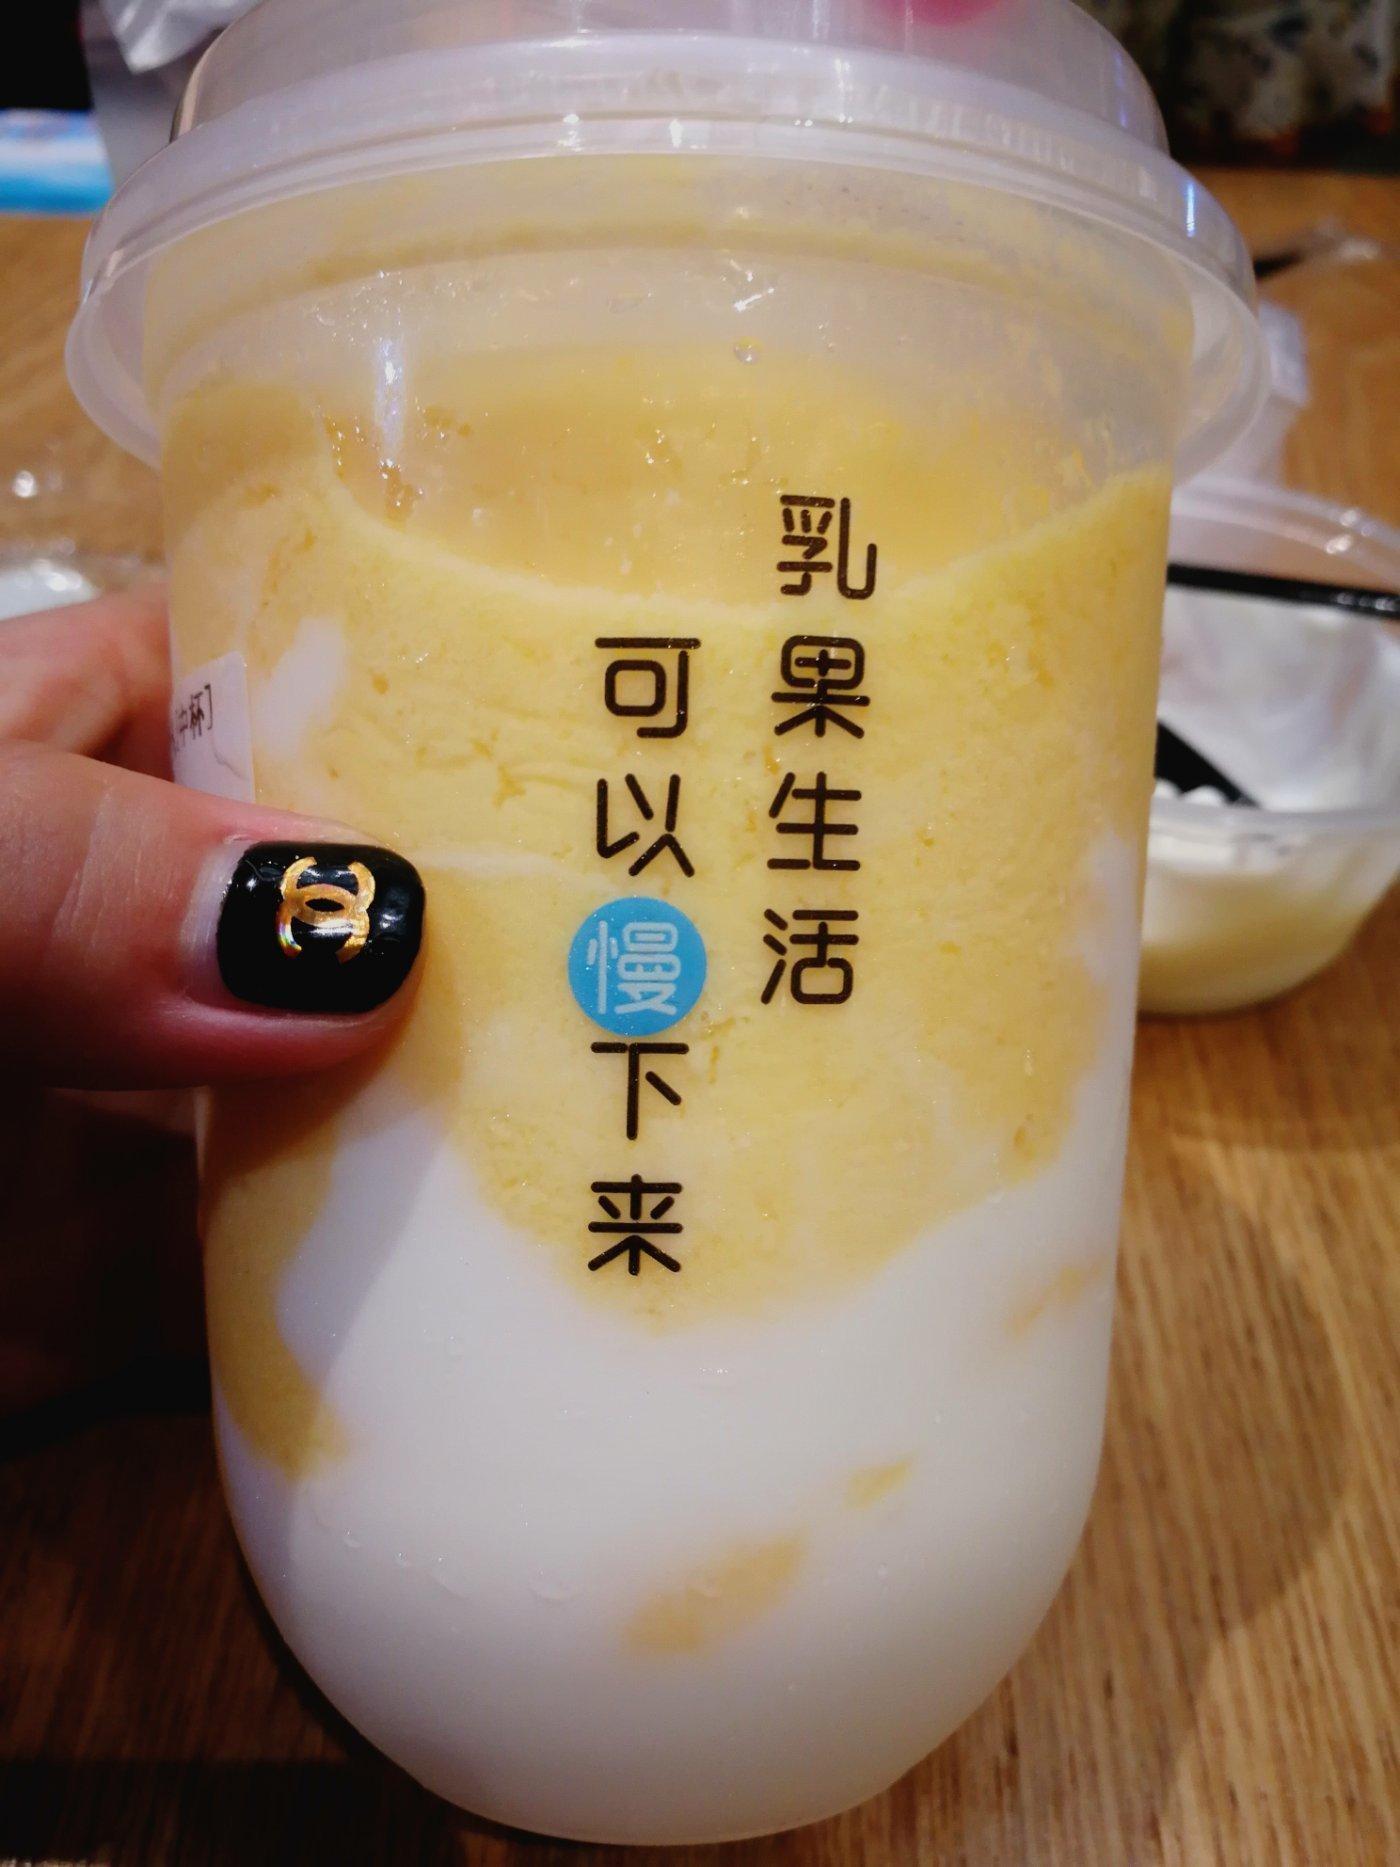 乳果说奶茶